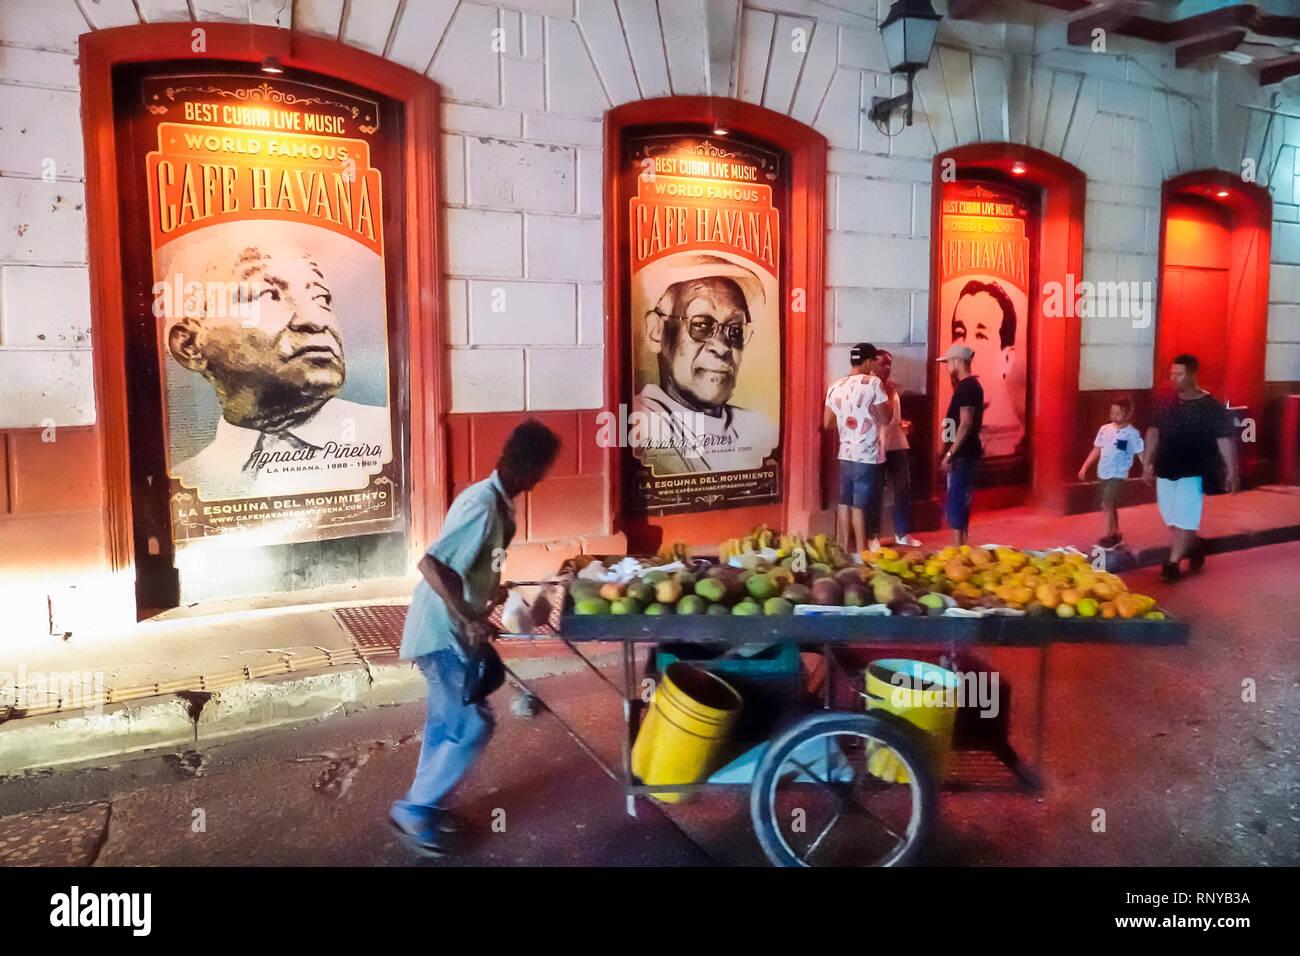 Cartagena Colombia, Centro de la Ciudad Vieja amurallada, centro Getsemani, residente hispano nocturno, Café Habana Ibrahim Ferrer Ignacio Pineira, carteles de barra de música en vivo p Foto de stock